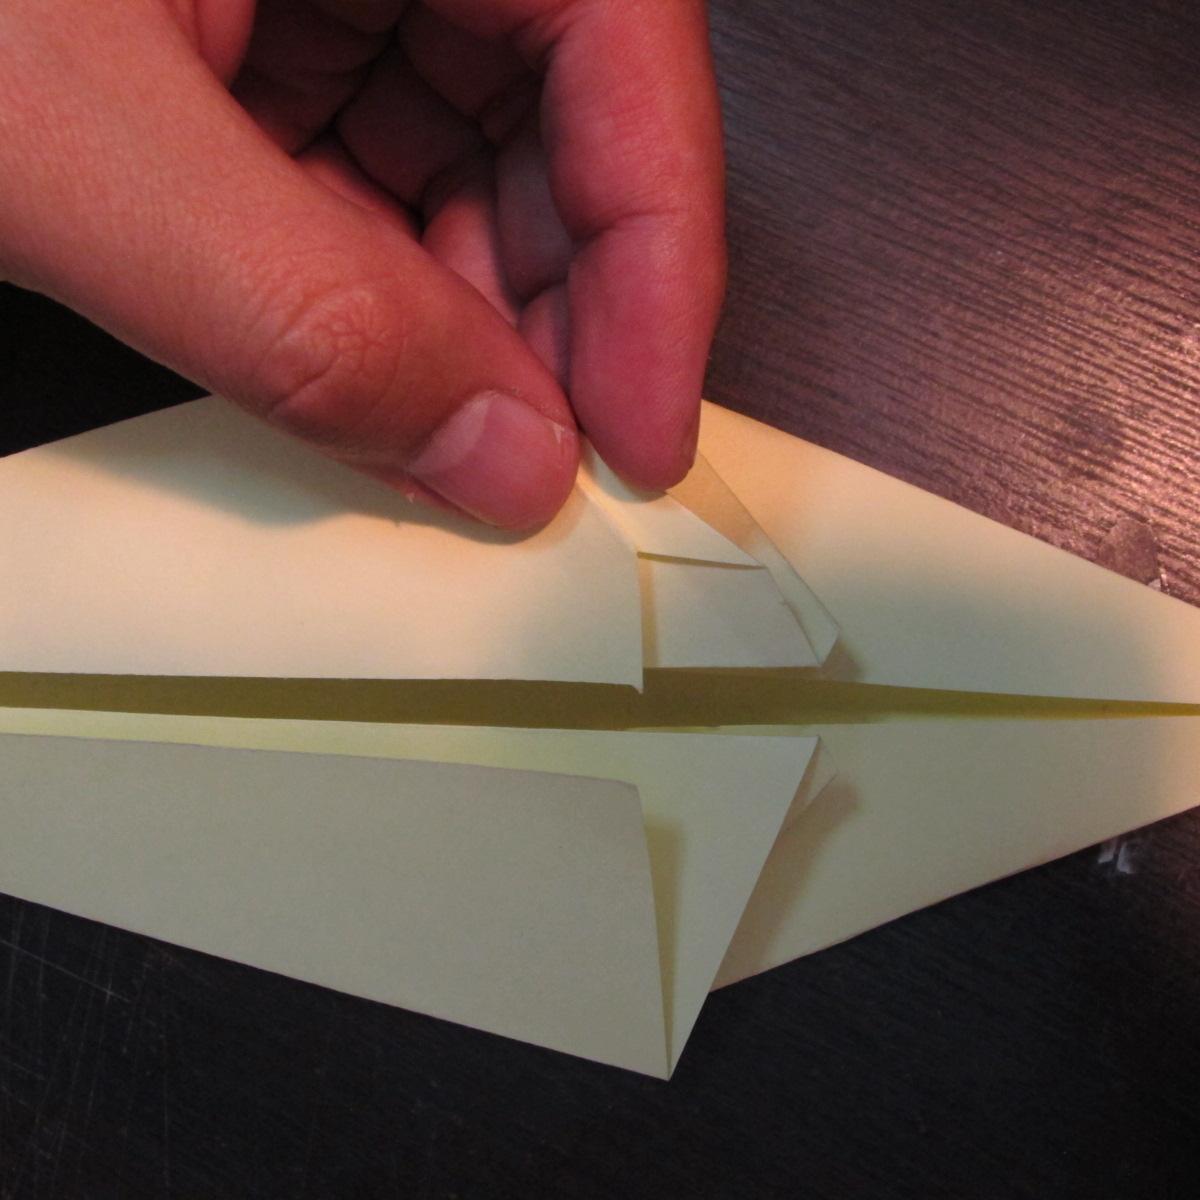 วิธีการพับกระดาษเป็นรูปหงส์ 010